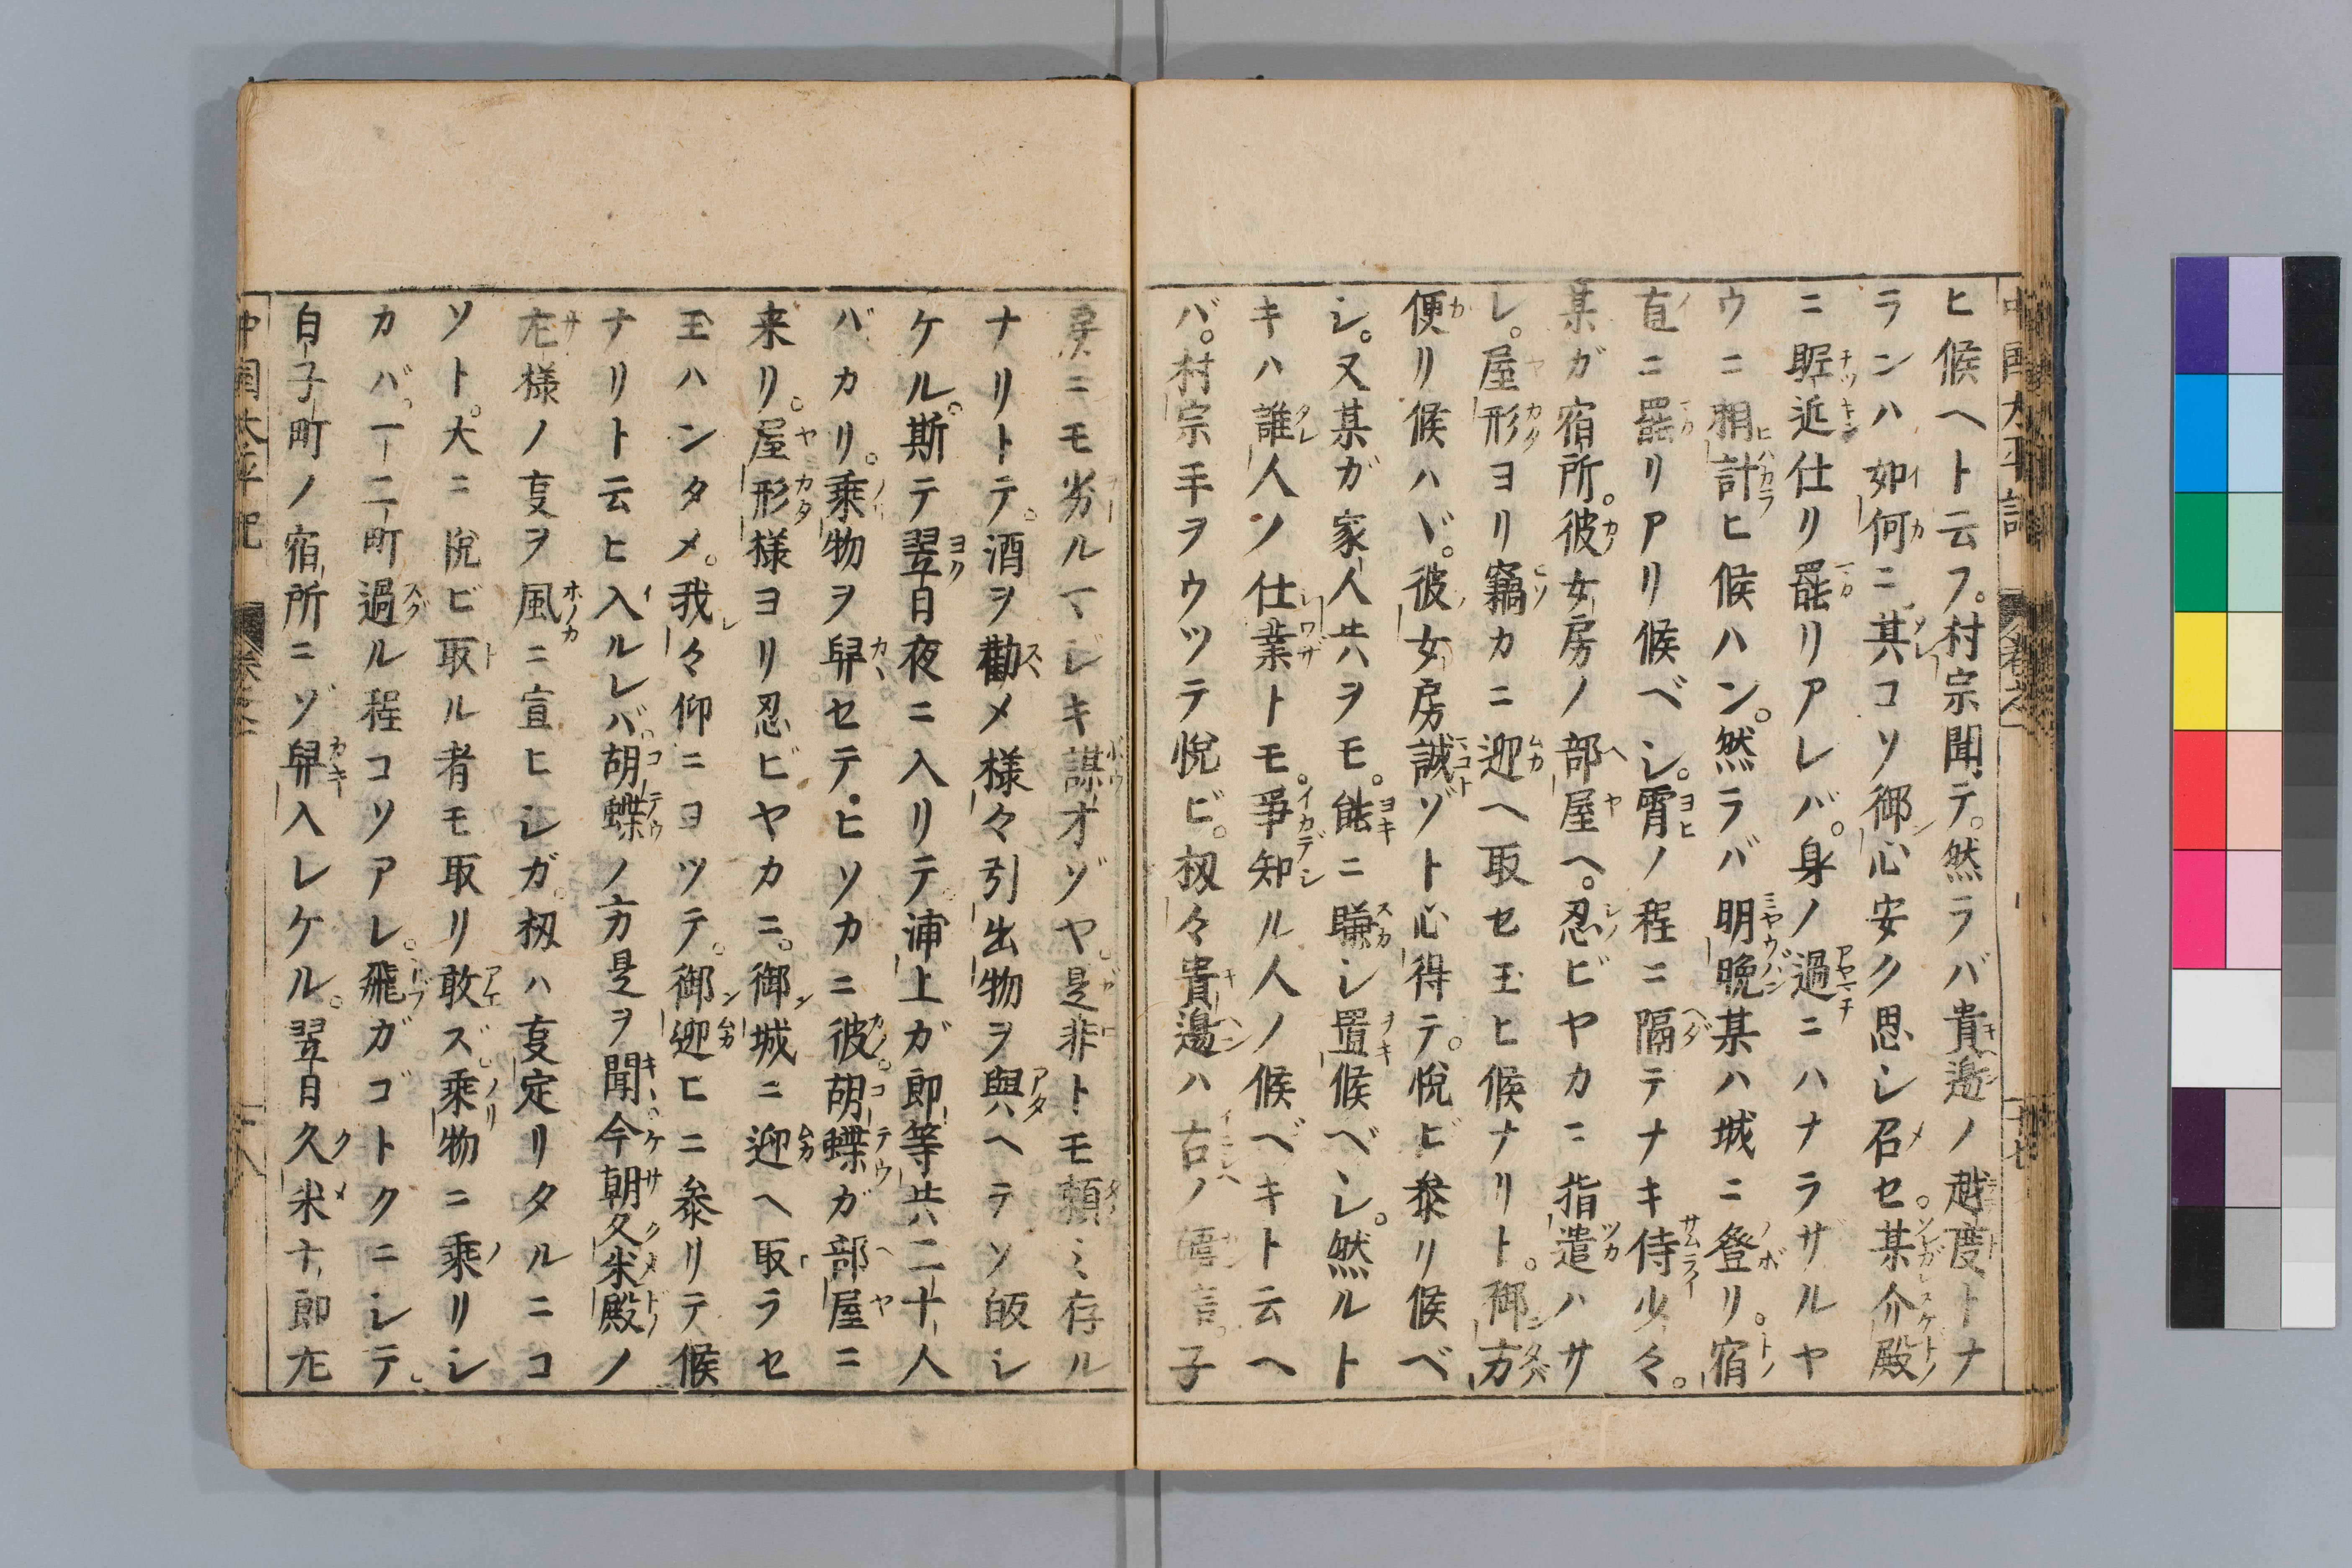 楯籠り (たてこもり) - Japanese...